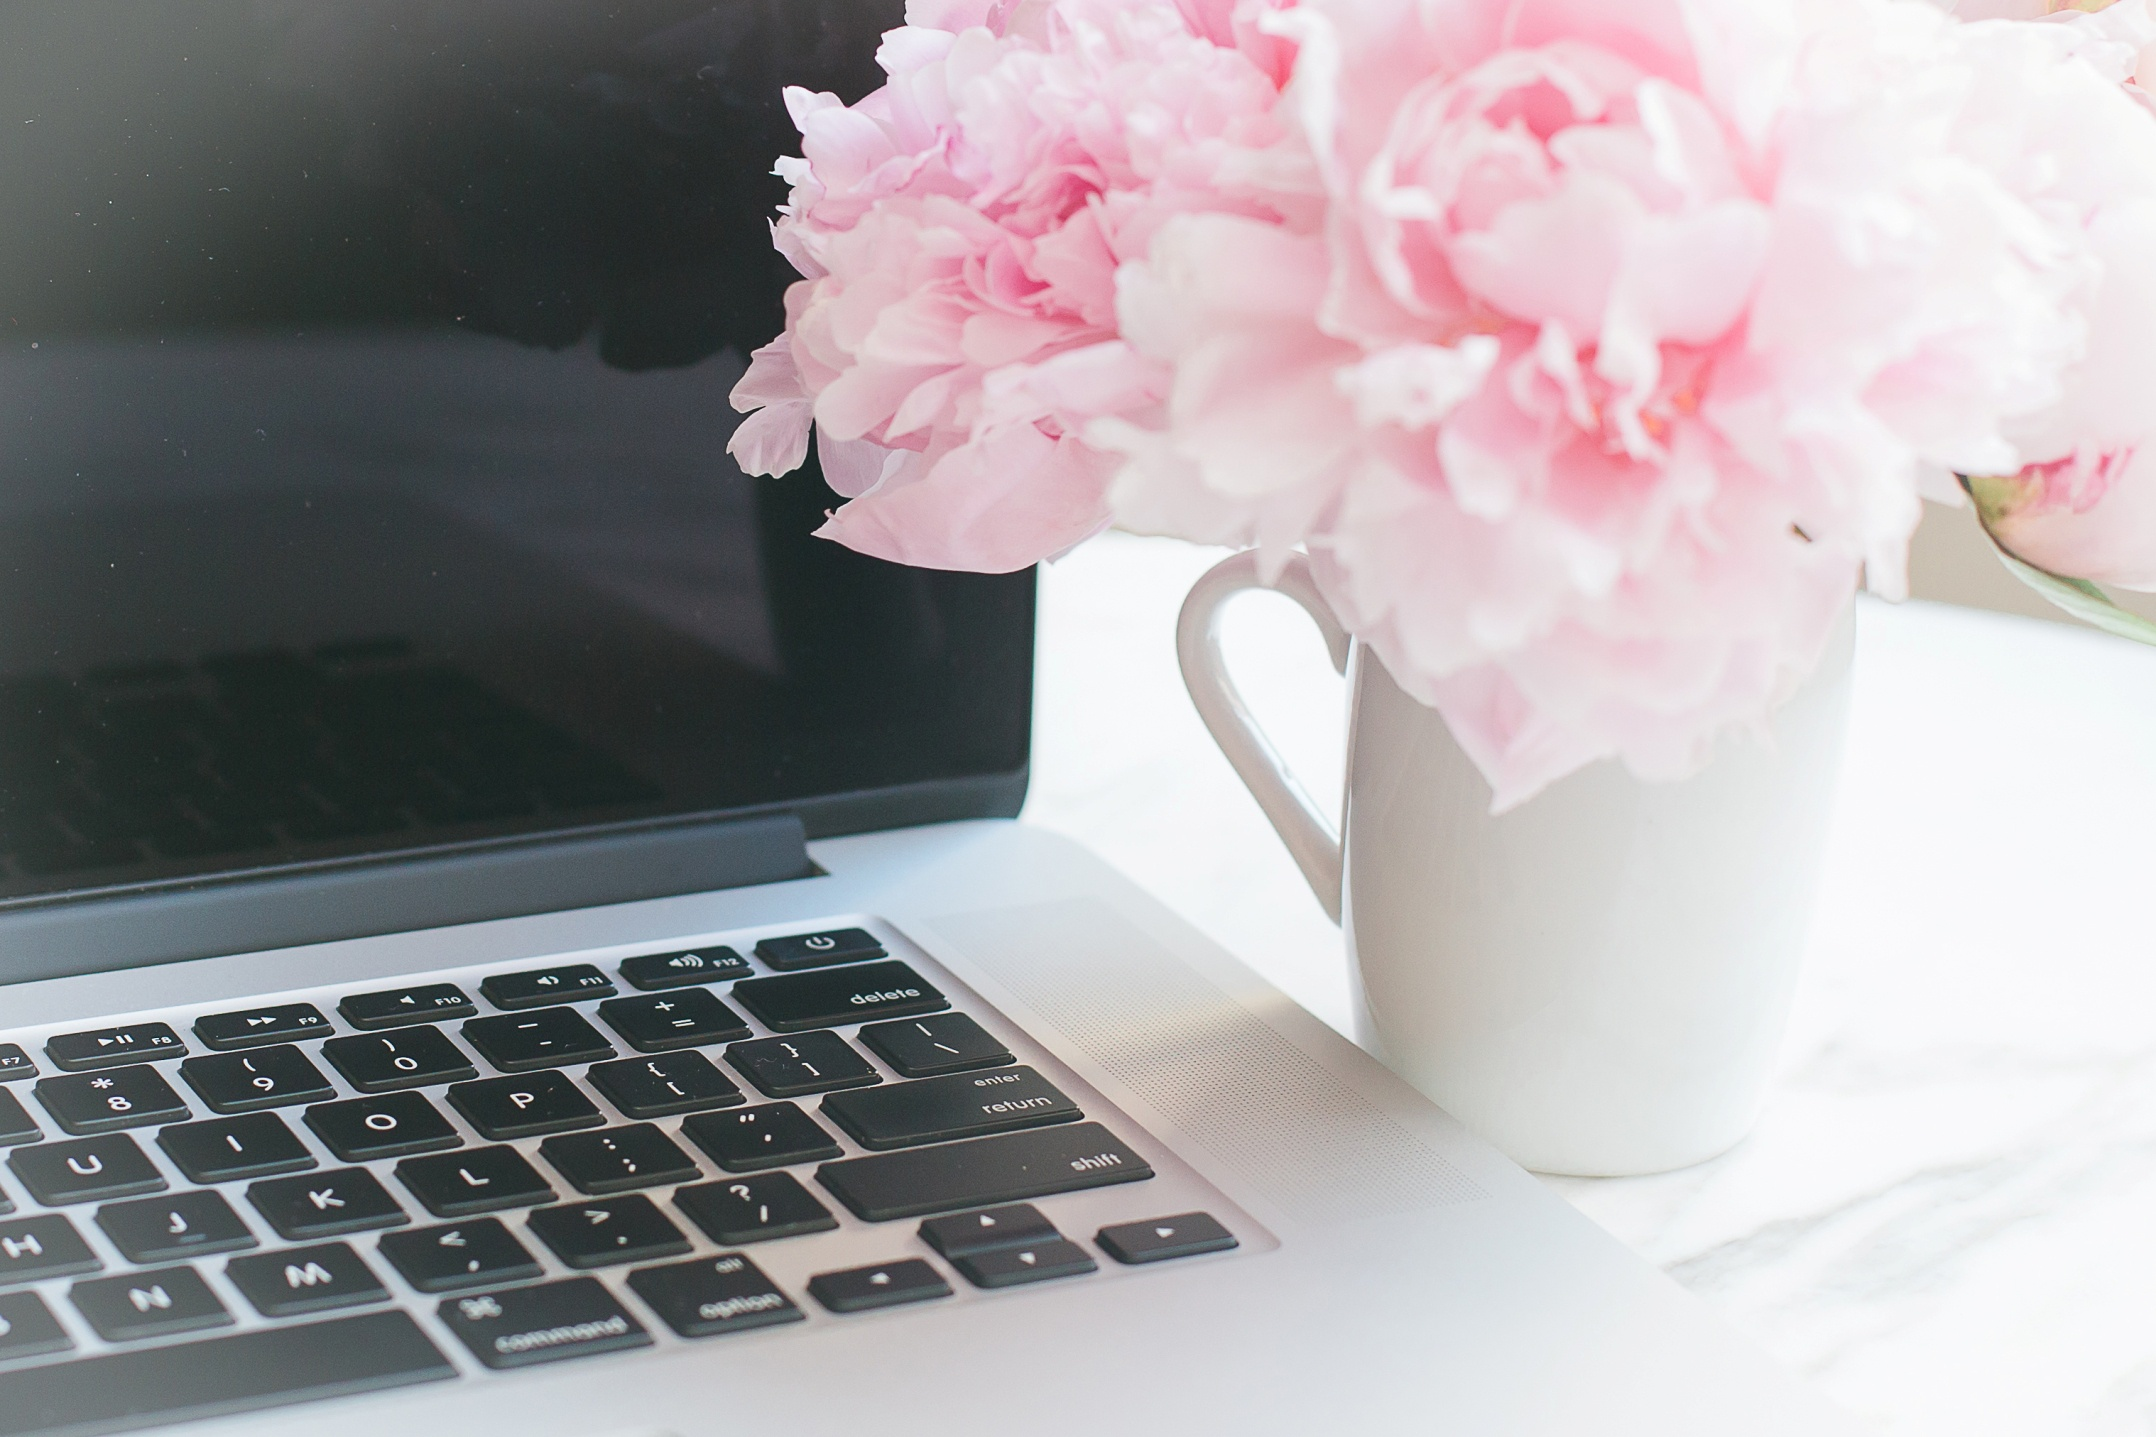 Картинки кофе и цветы ноутбук, апельсин телефон поздравительную